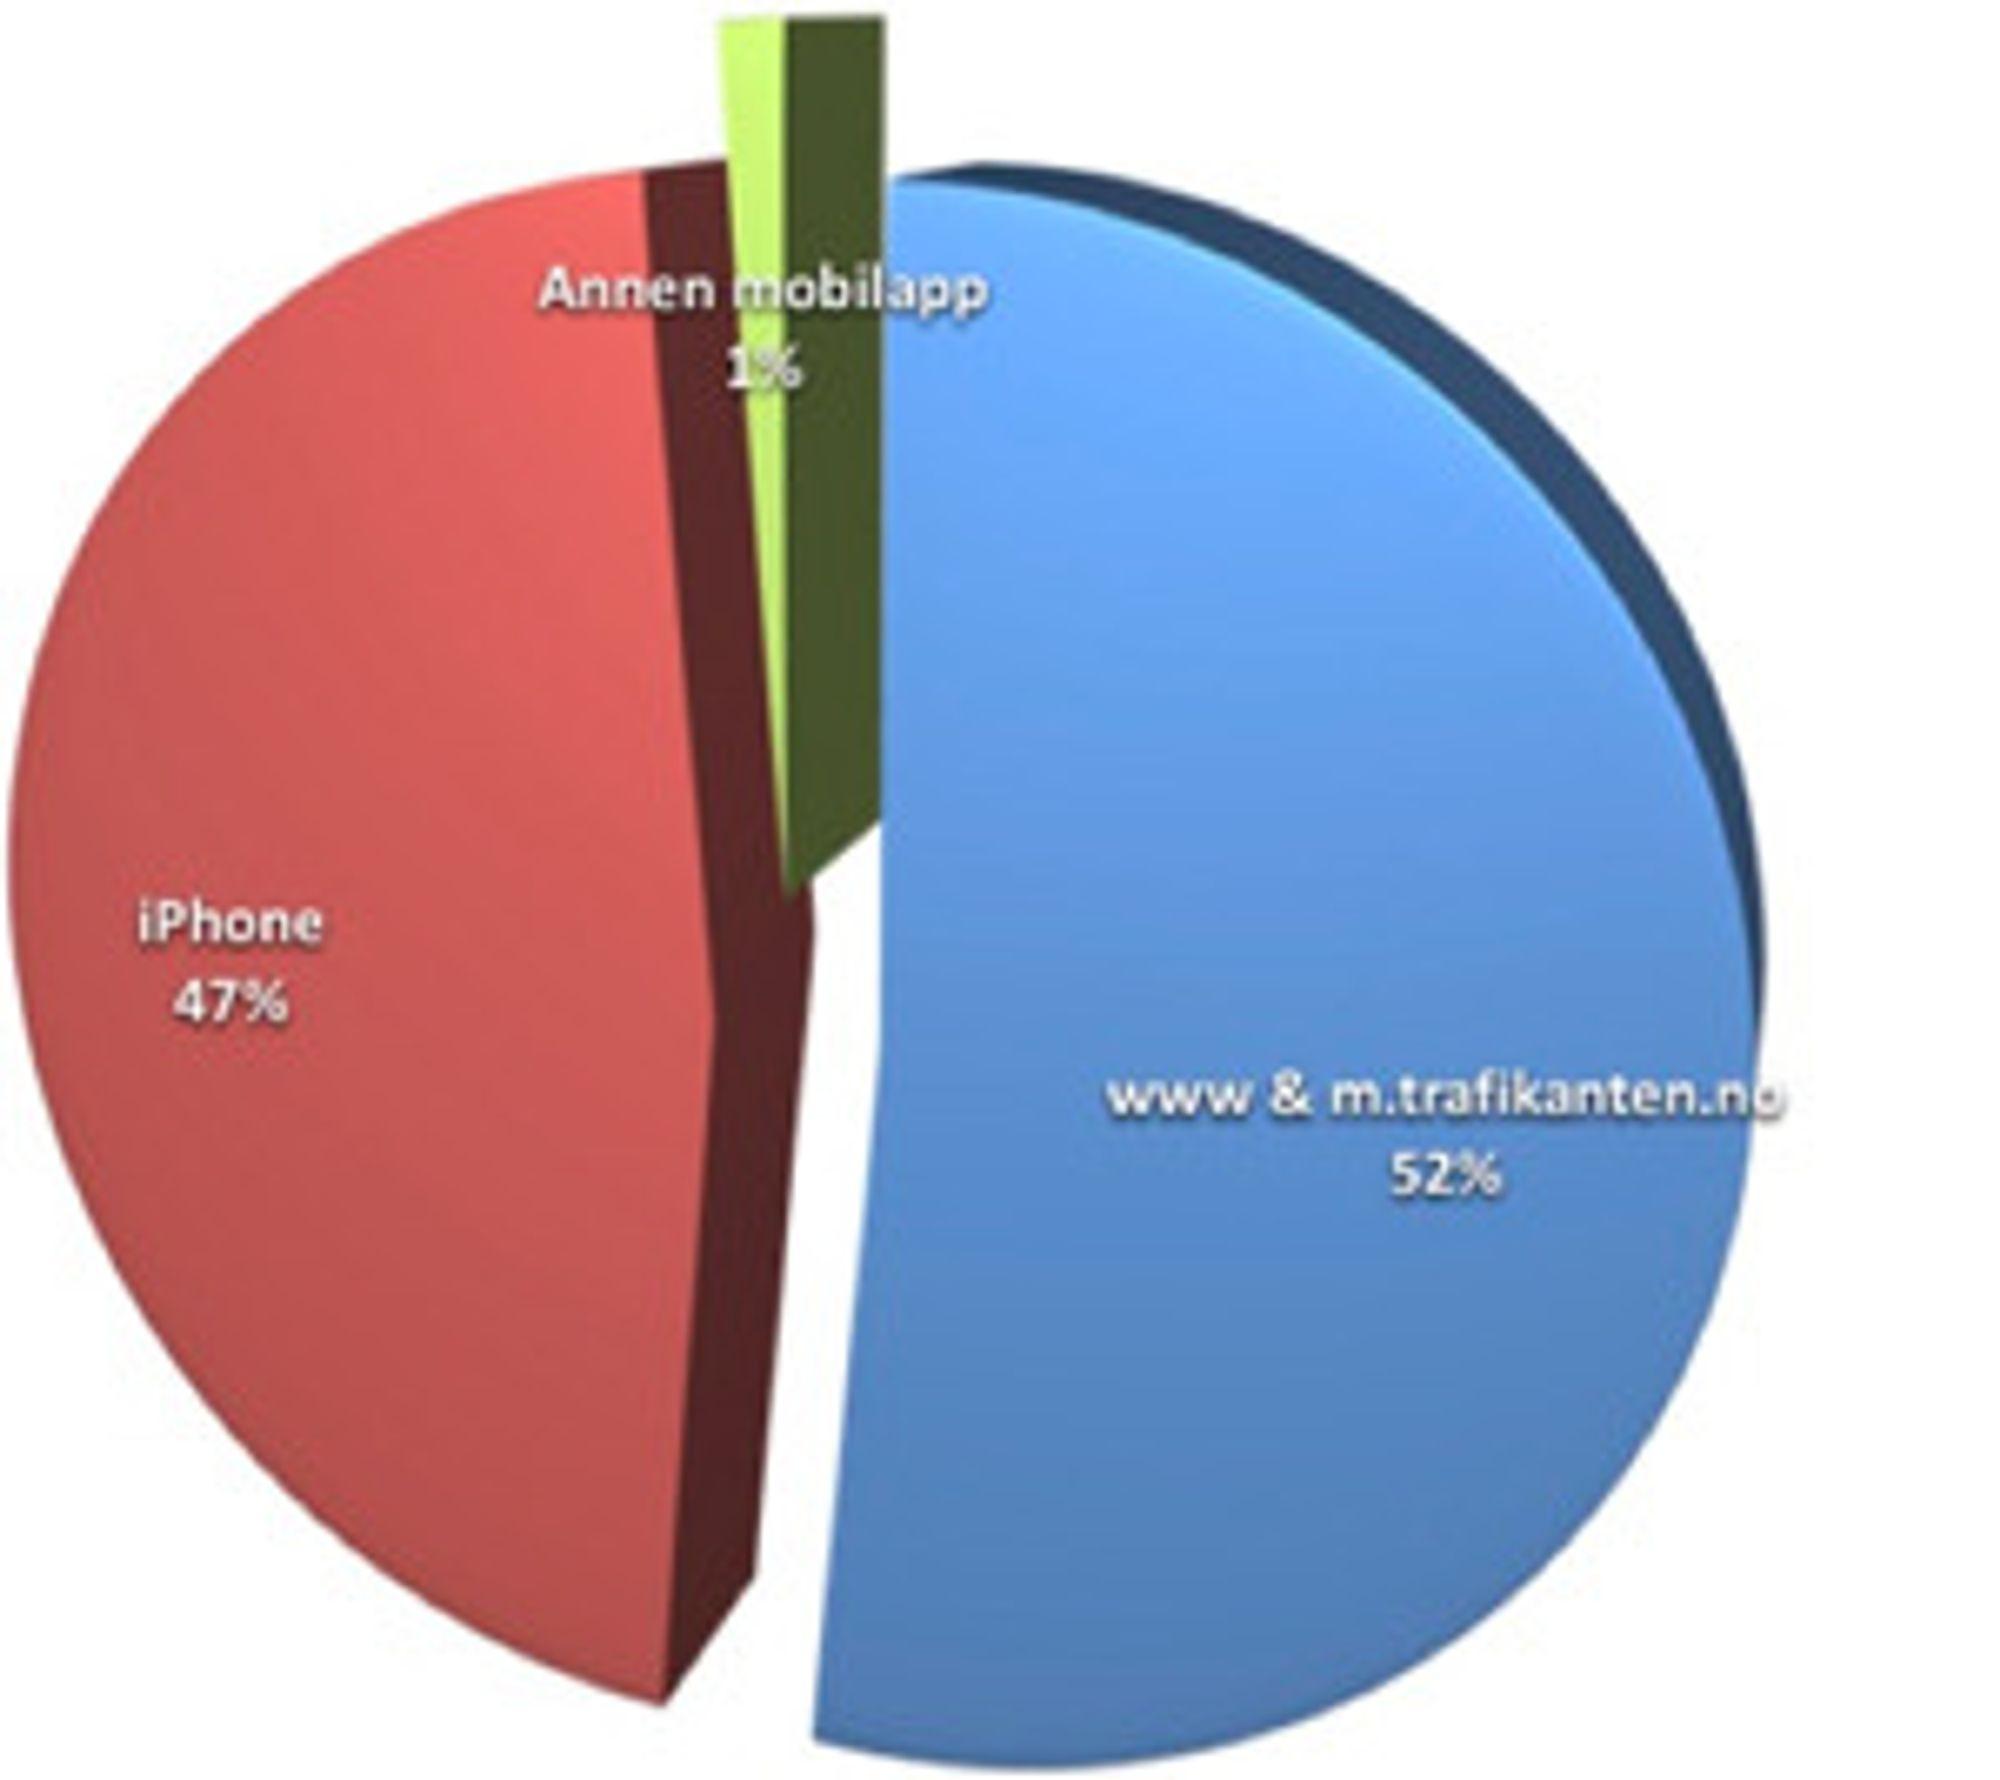 iPhone-appen til Trafikanten står alene for halvparten av alle oppslag mot sanntidssystemet.